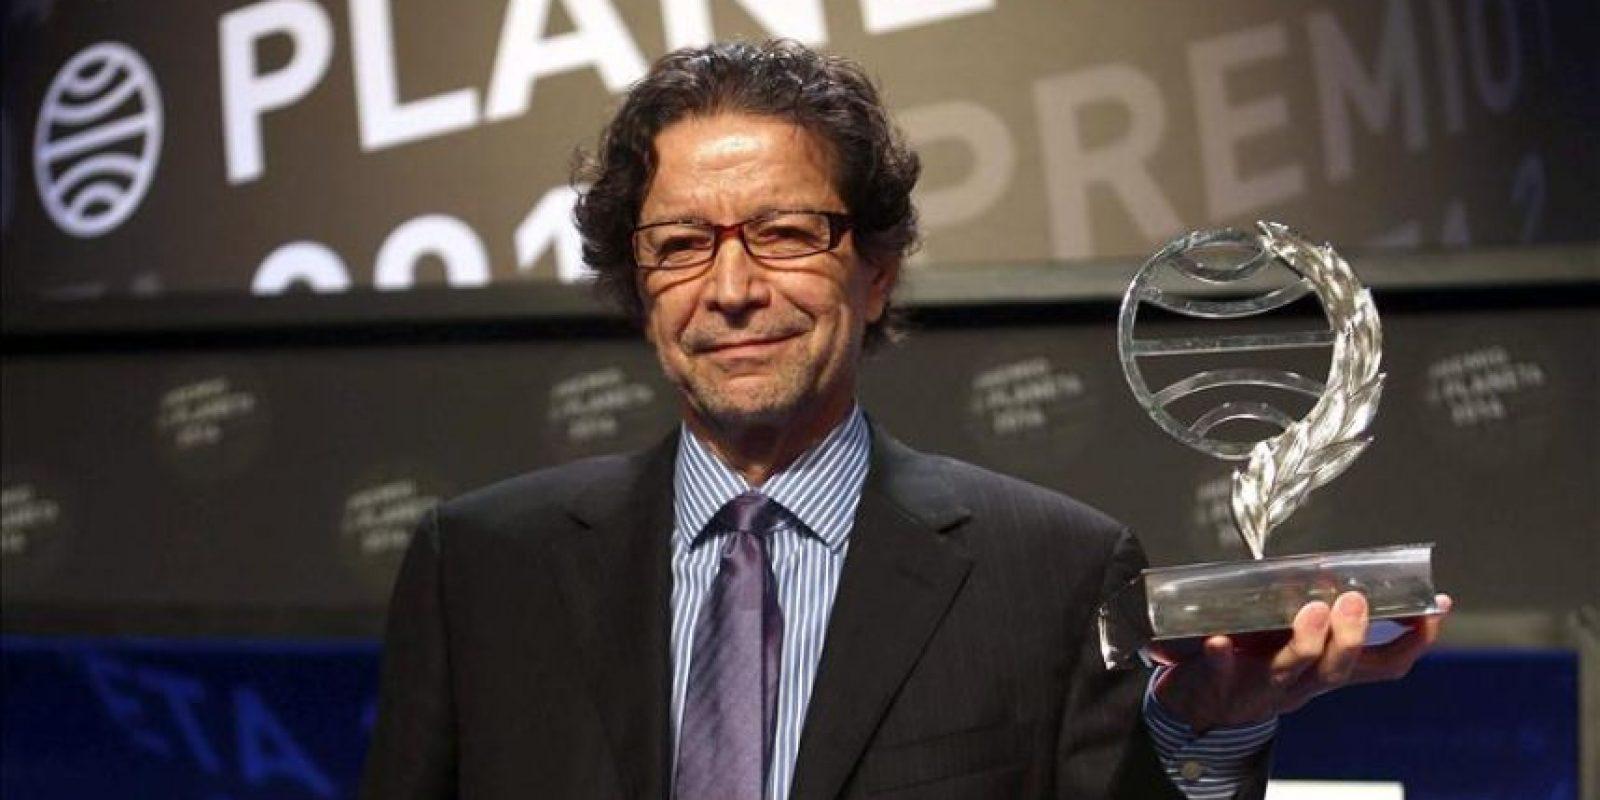 El escritor y periodista mexicano, Jorge Zepeda, tras recibir el trofeo que le acredita como ganador del Premio Planeta, en su 67 Edición, por su obra 'Milena o el fémur más bello del mundo', durante el acto celebrado esta noche en Barcelona. EFE